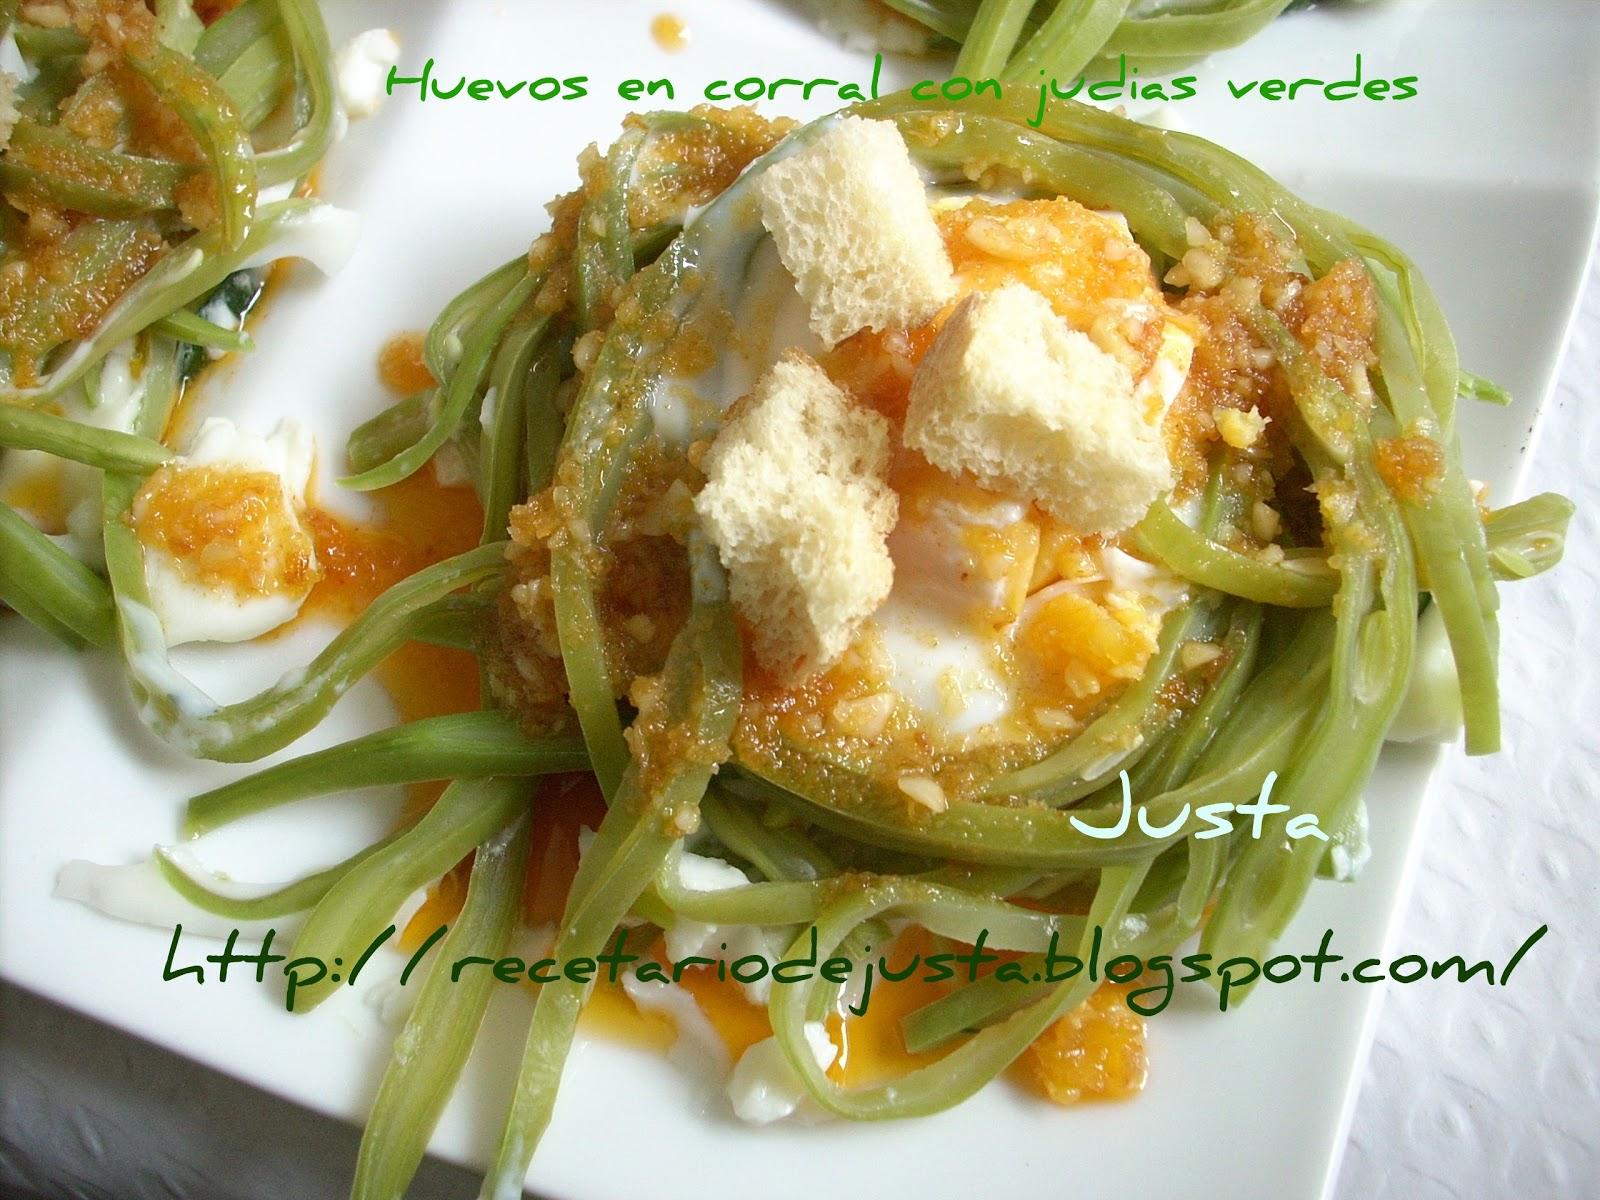 Recetario de justa huevos en nido de judias verdes - Tiempo coccion judias verdes ...